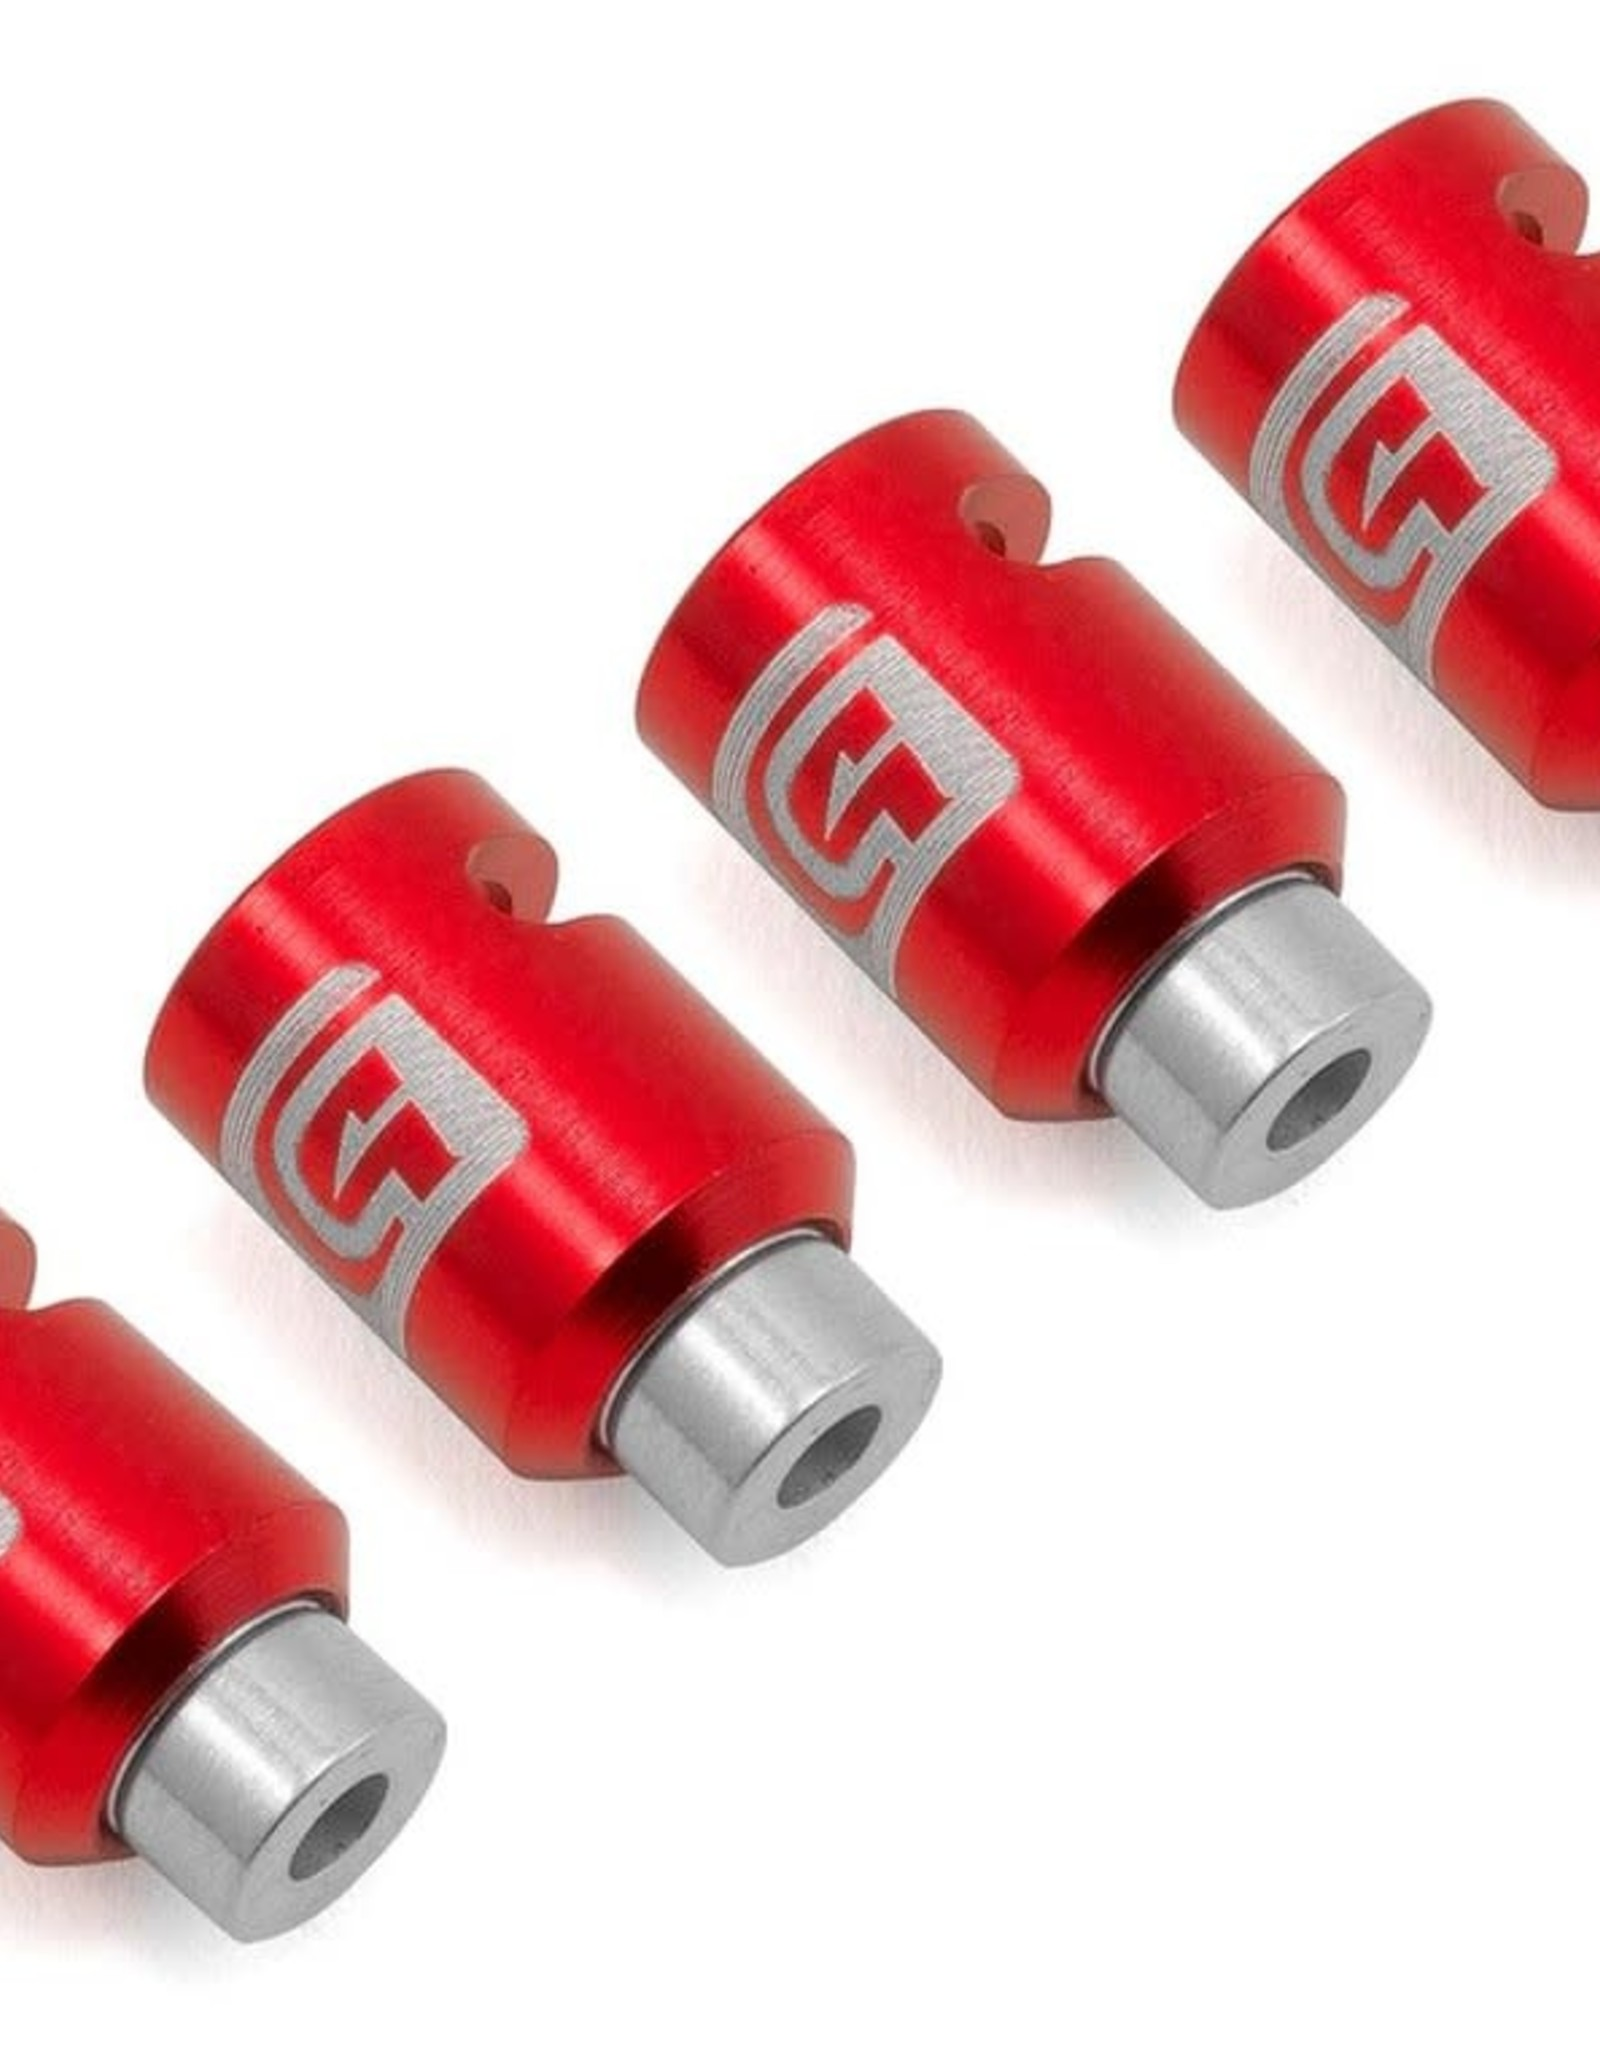 Bittydesign Bittydesign Magnetic Body Post Marker Kit (Red)